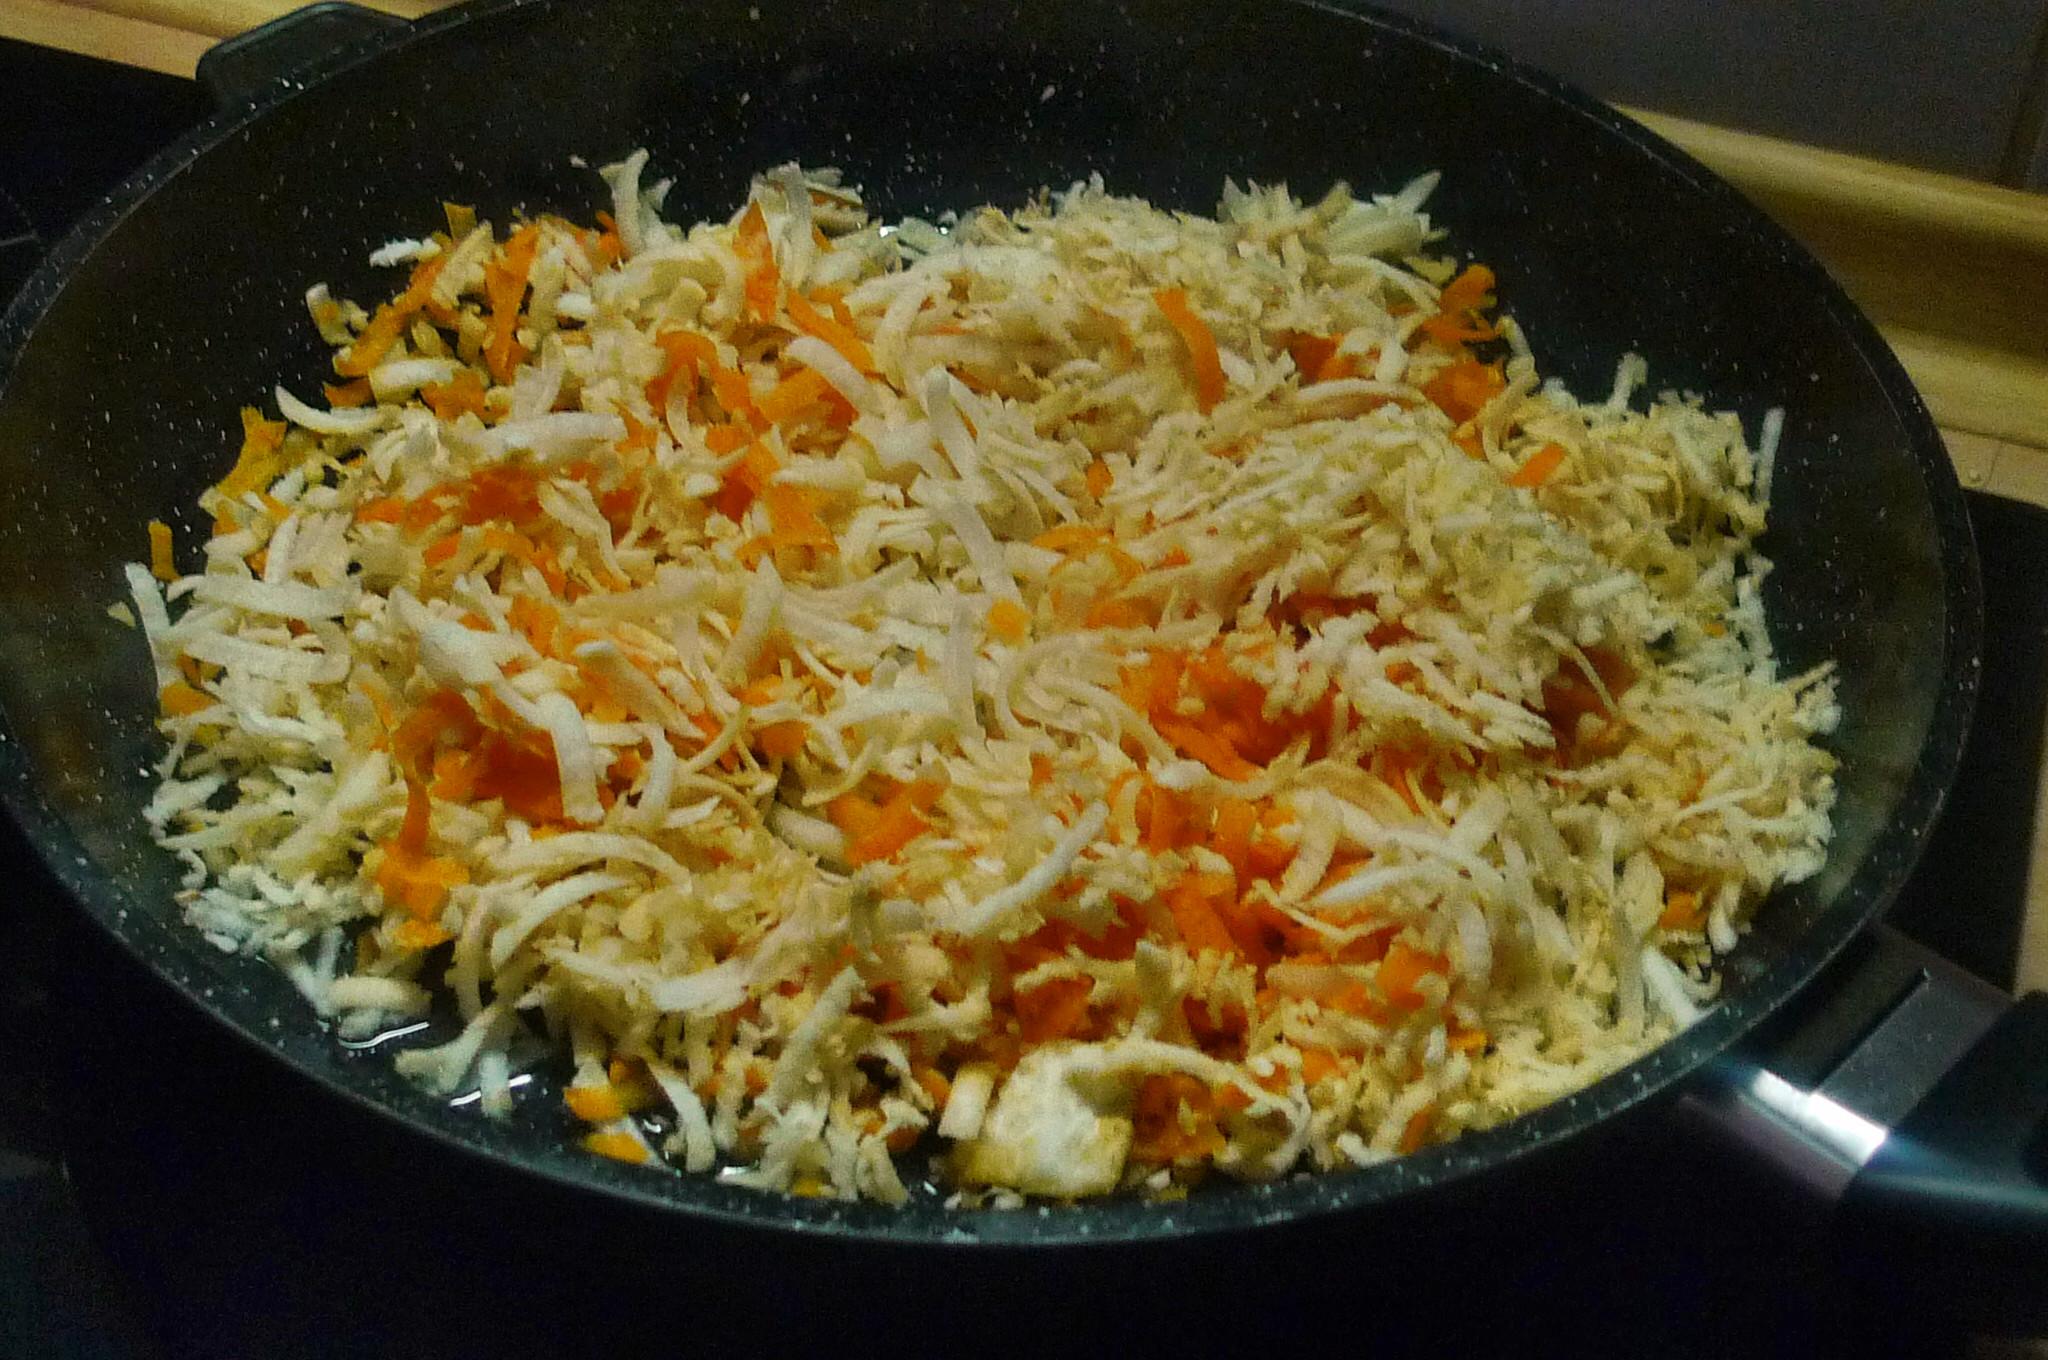 Buchweizenpfannkuchen mit Gemüsefüllung - 1.2.15   (7)